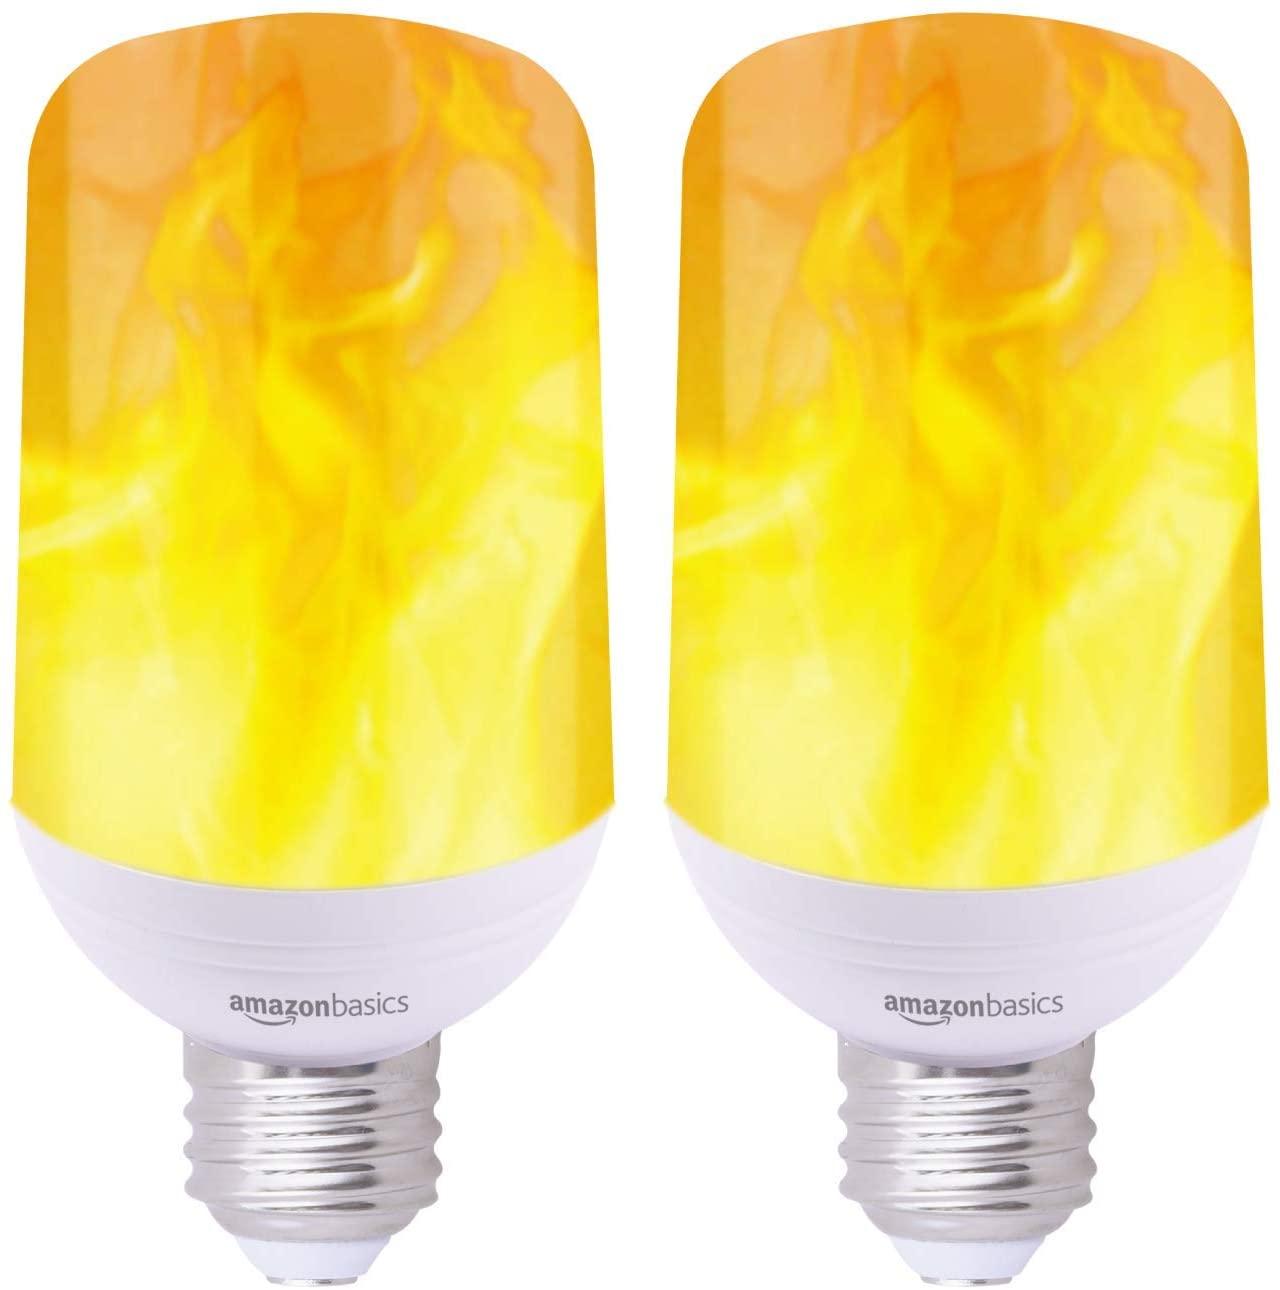 AmazonBasics LED Flame Light